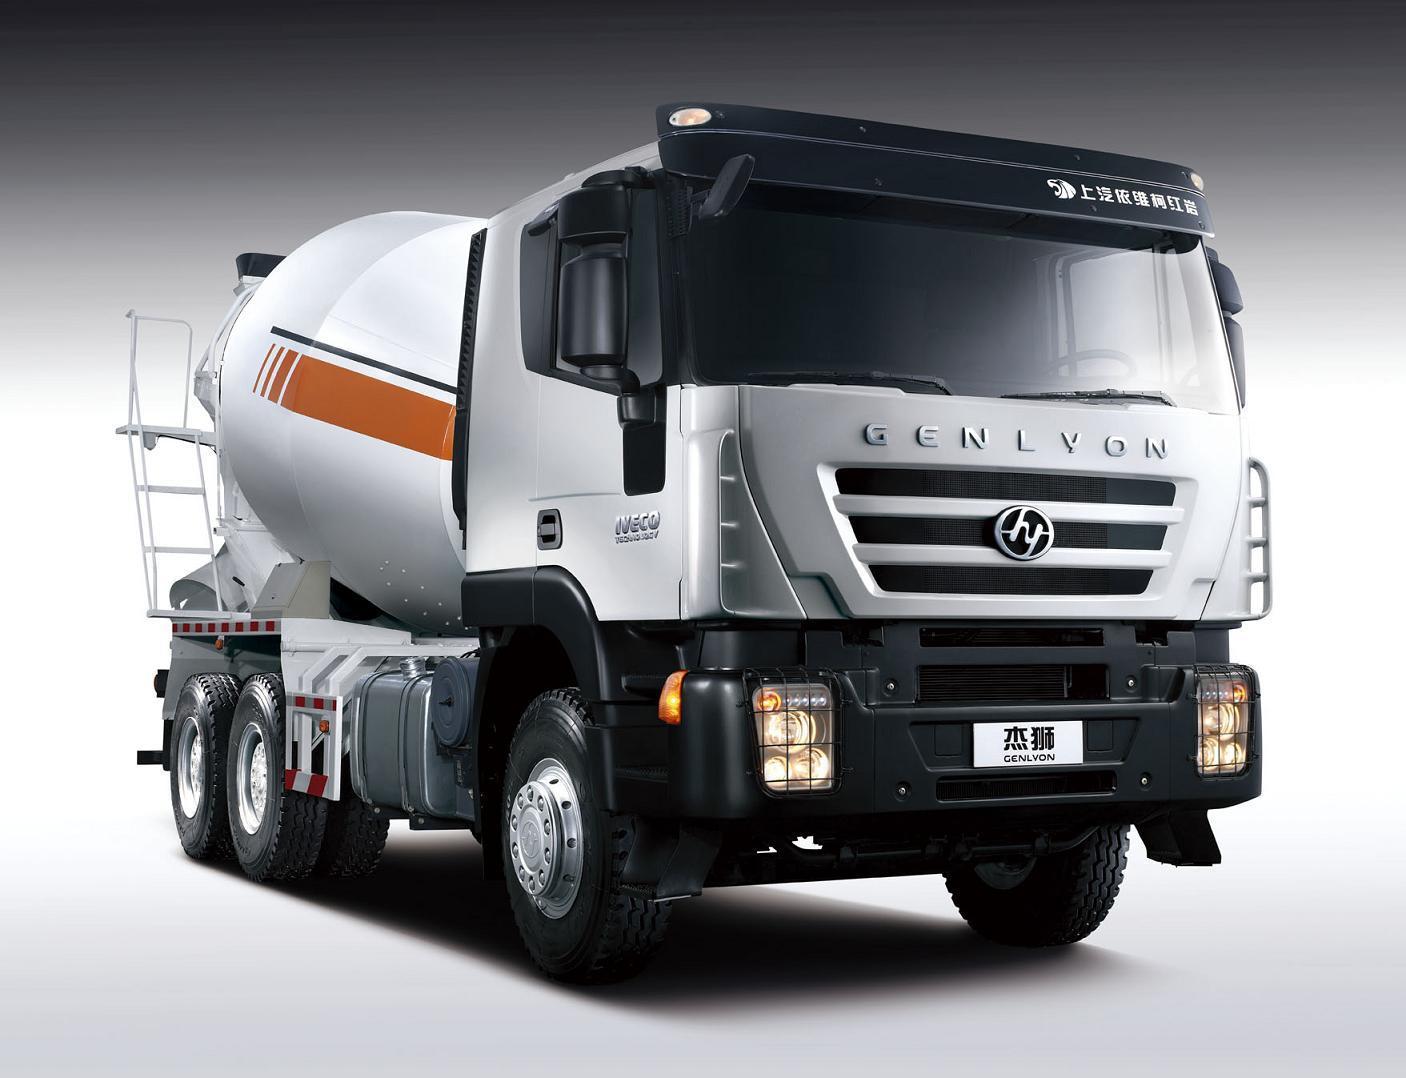 Rhd 6 X 4 Concrete Mixer